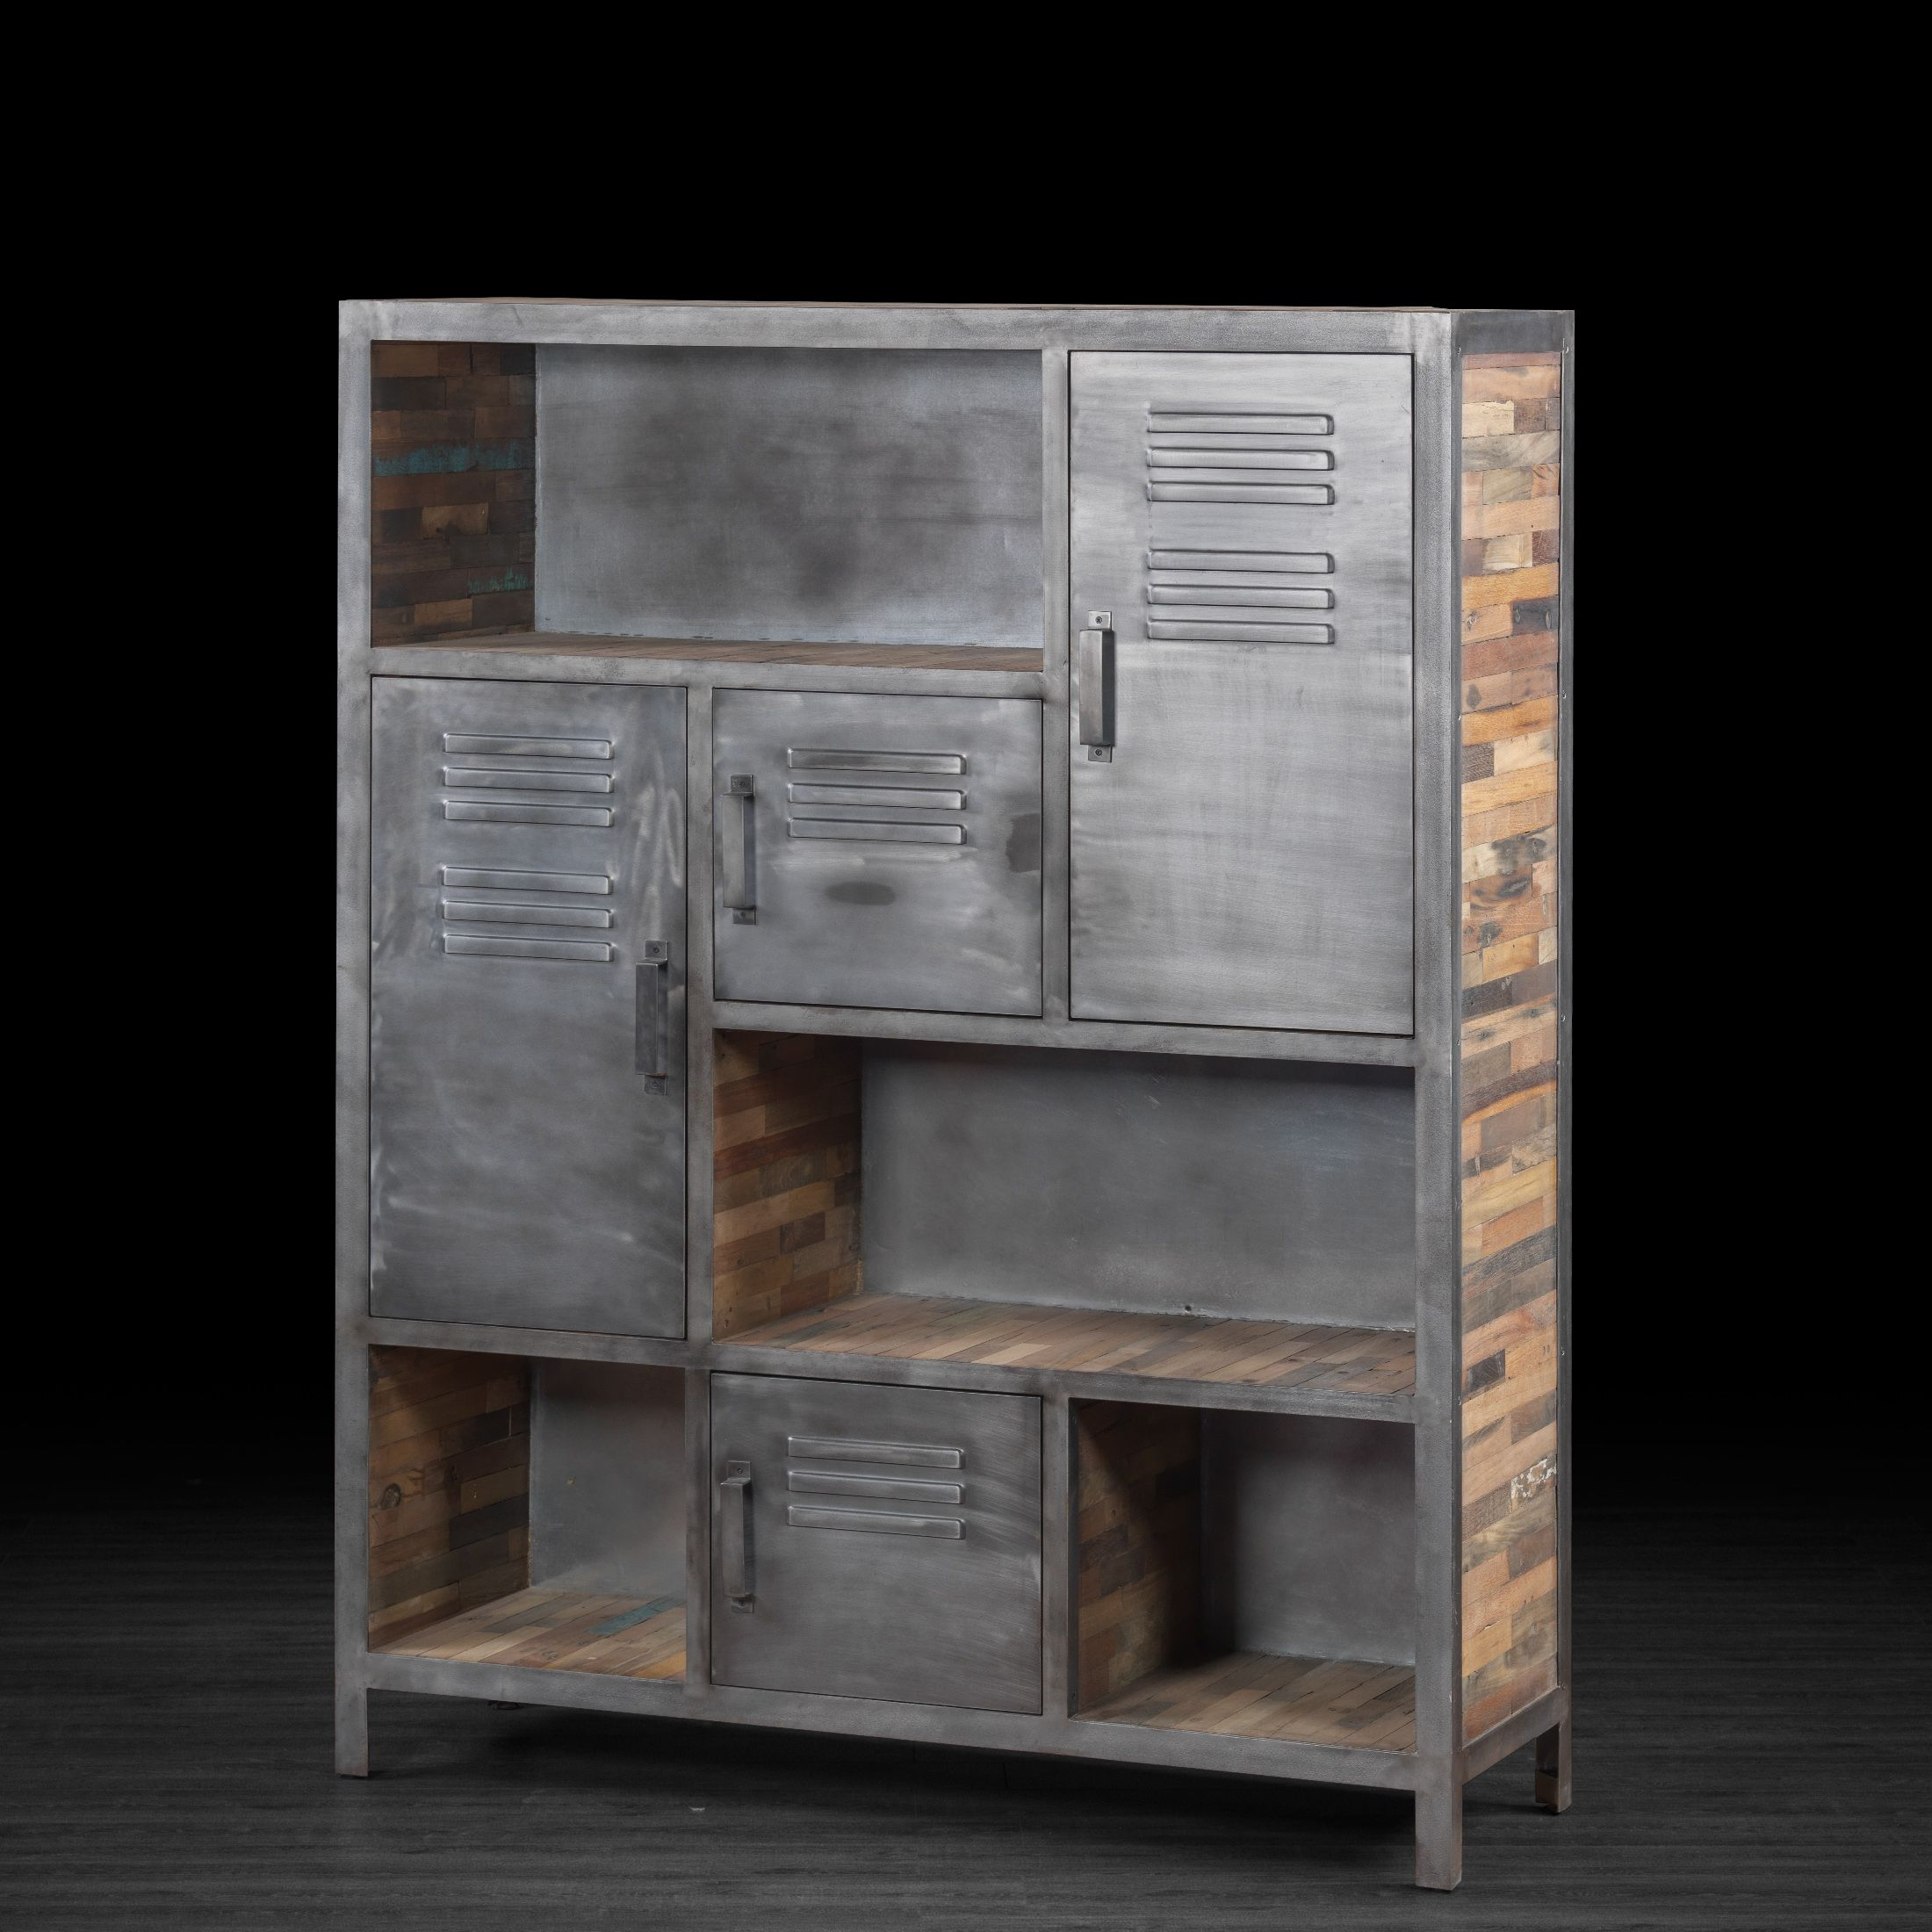 grande biblioth que industrielle en m tal et bois recycl. Black Bedroom Furniture Sets. Home Design Ideas